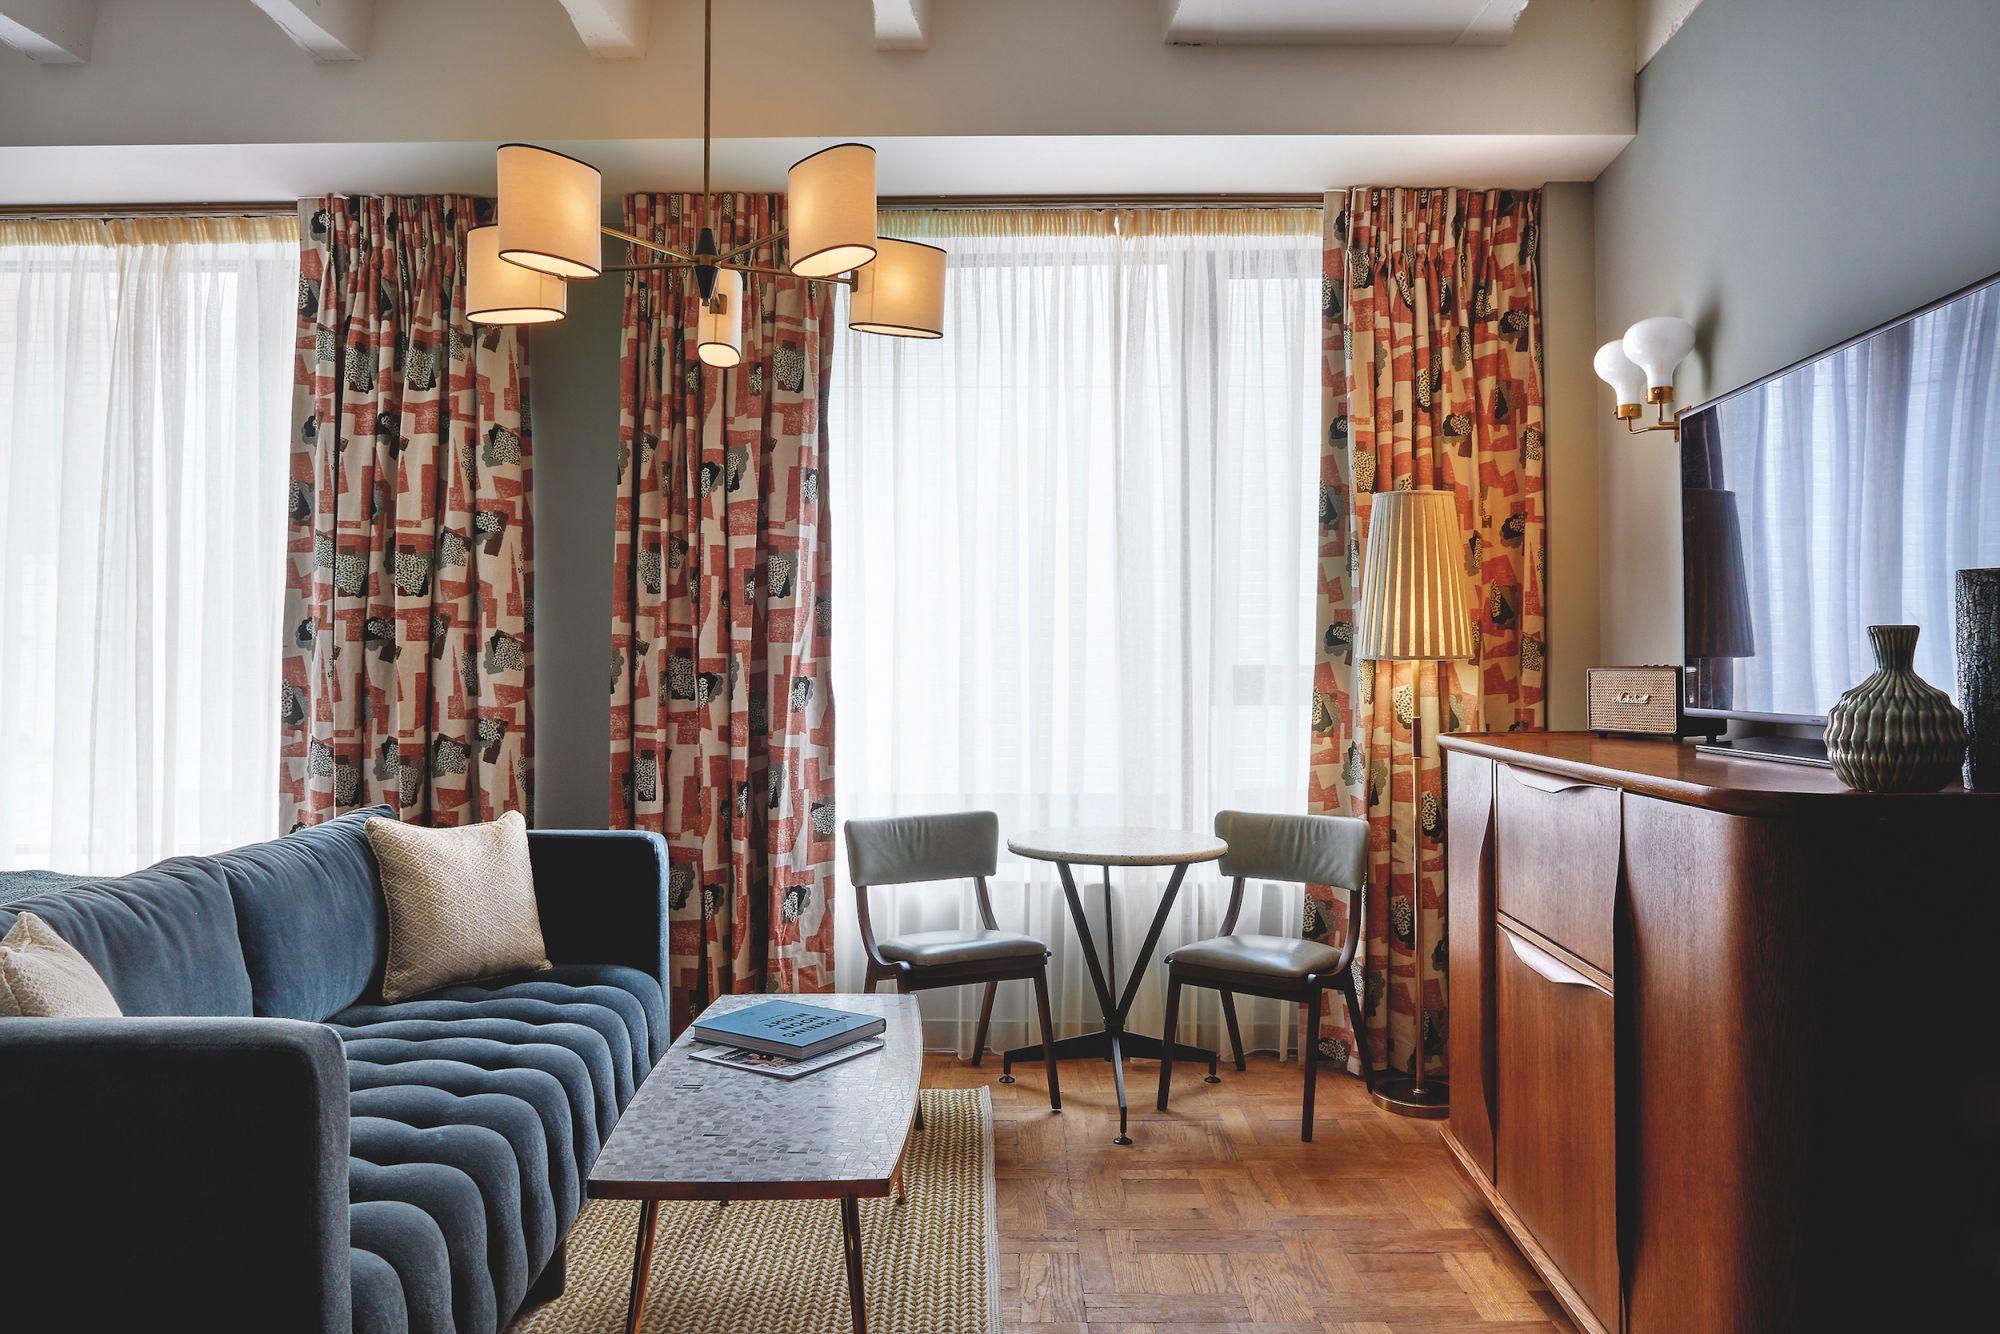 Dormire in posti particolari: 10 hotel unici al mondo ...